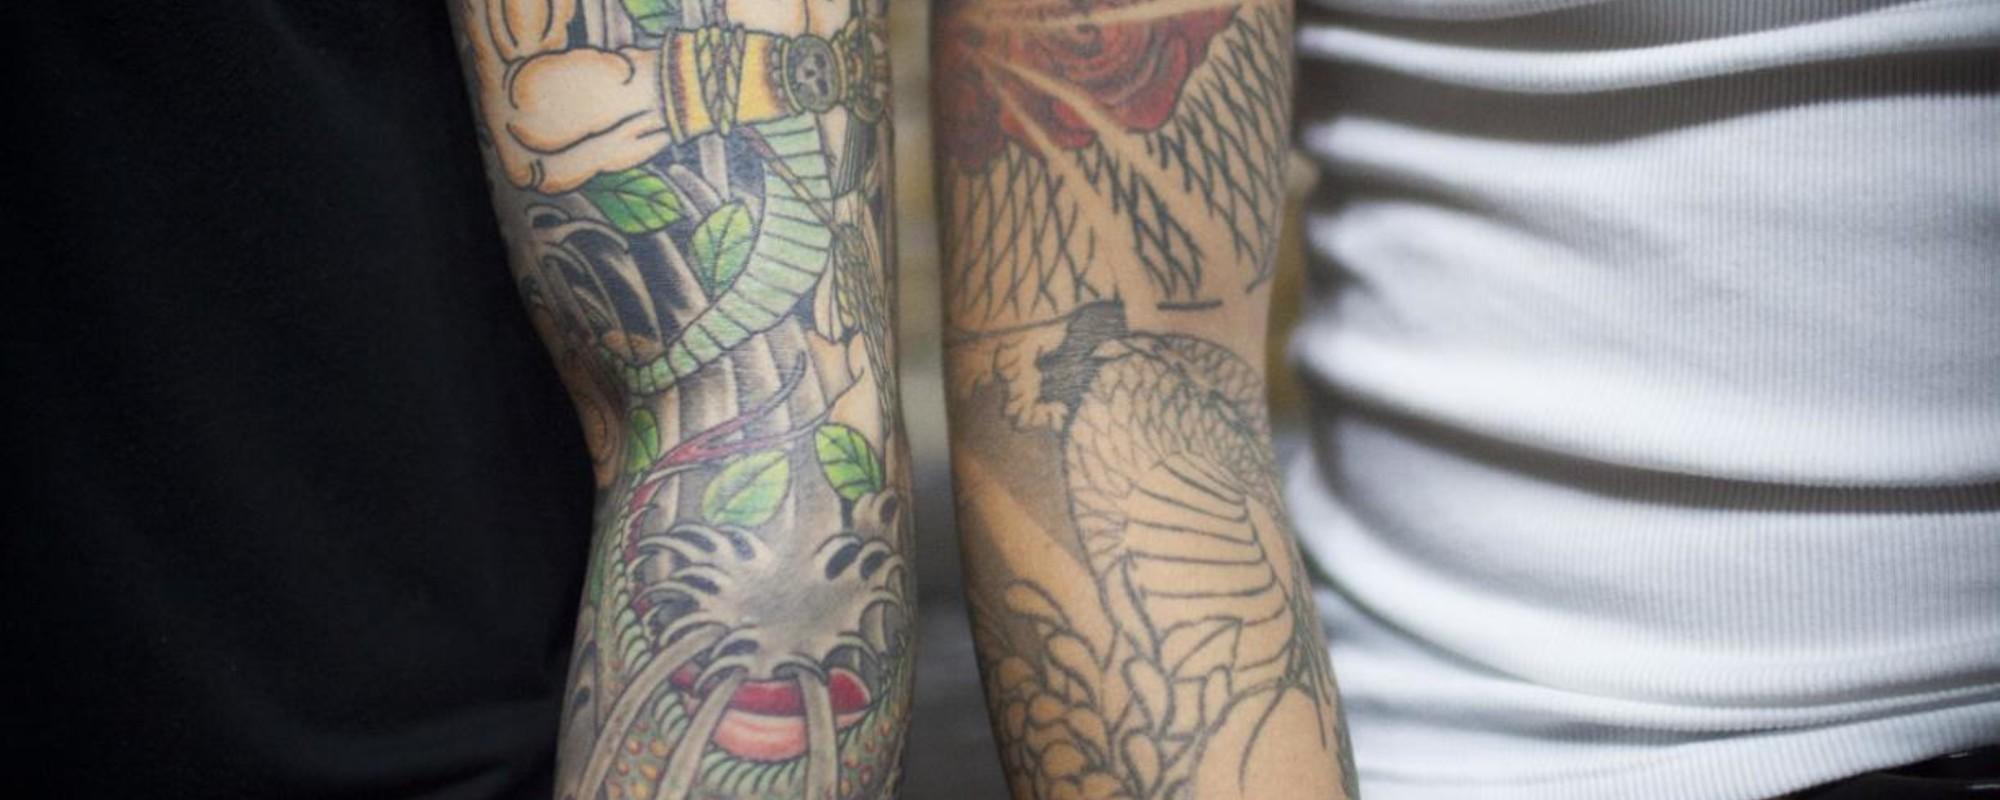 Ser tatuador na Coreia do Sul é crime e pode levar à prisão